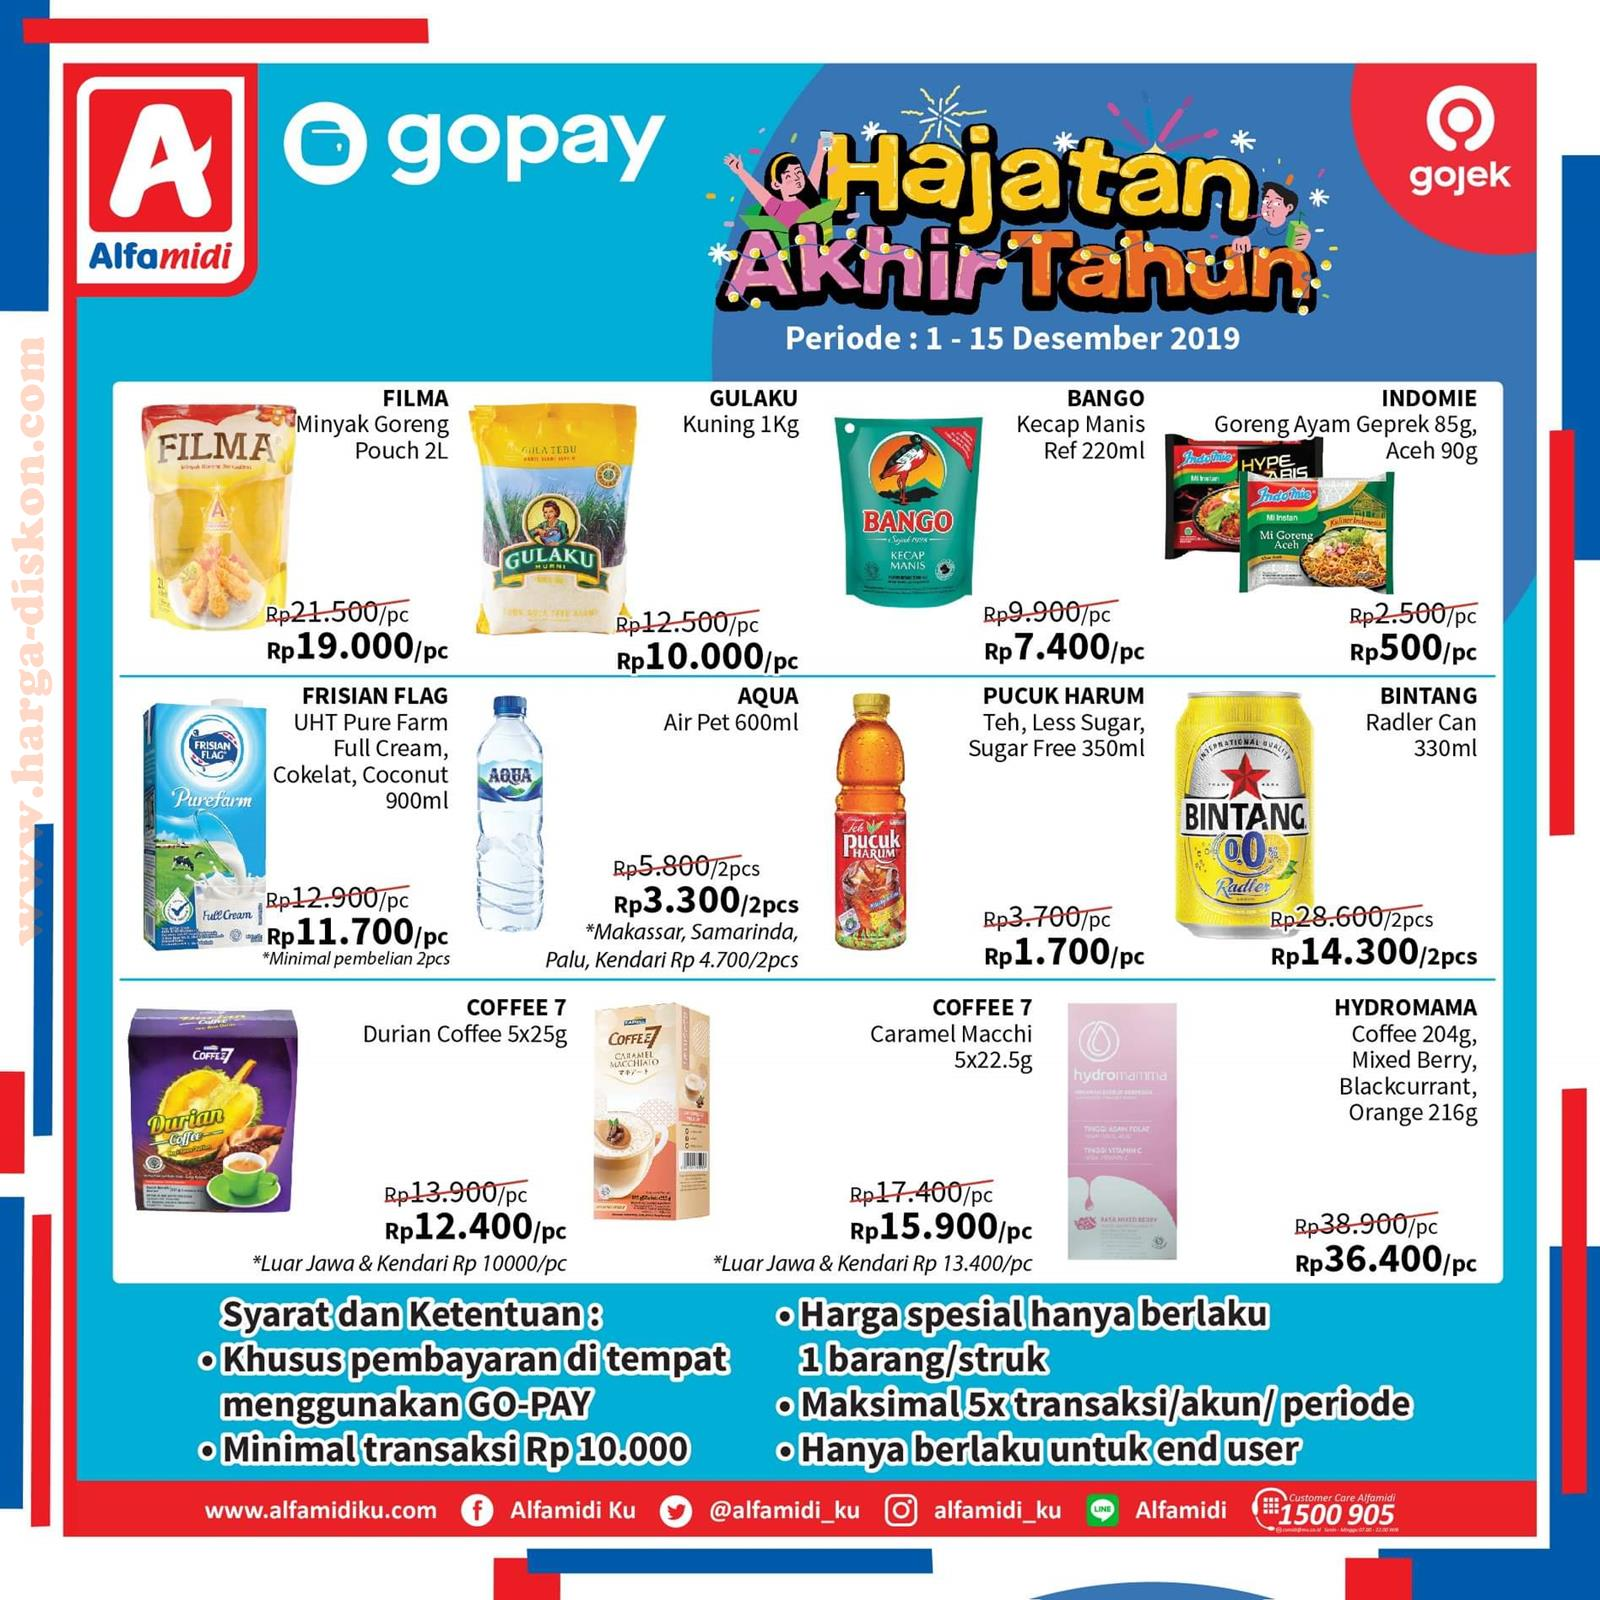 Promo Alfamidi Terbaru Hajatan Akhir Tahun Periode 1 15 Desember 2019 Harga Diskon